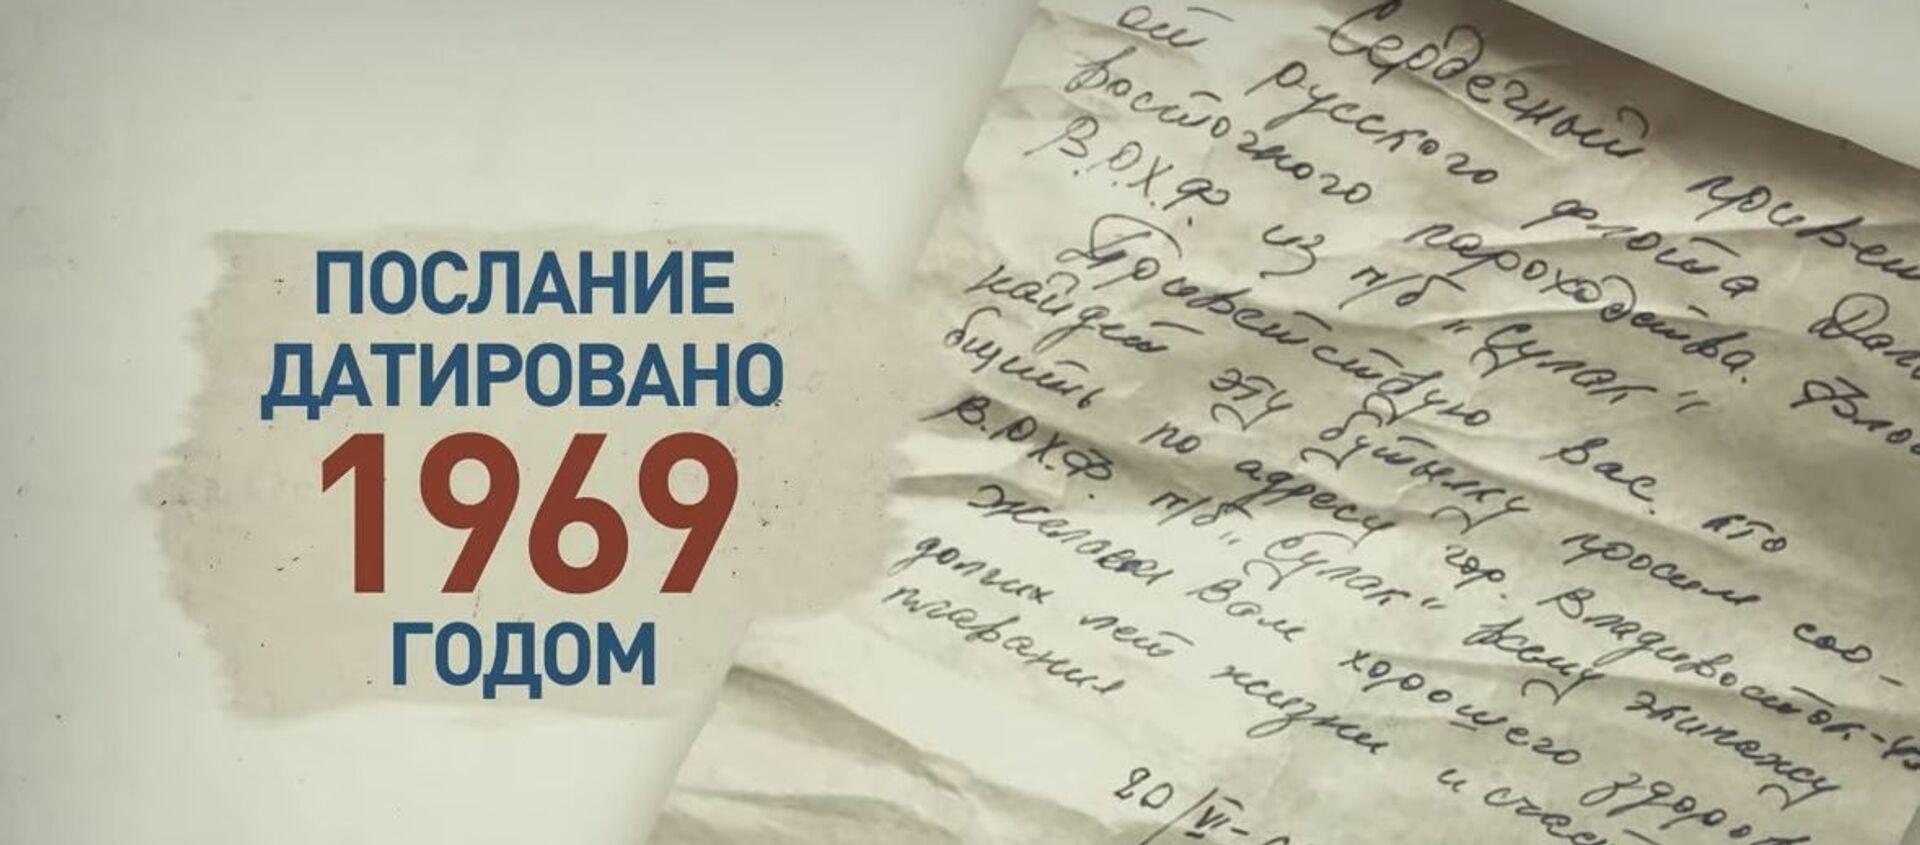 Привет из 1969-го: на Аляске нашли бутылку с письмом советских моряков - Sputnik Абхазия, 1920, 09.08.2019